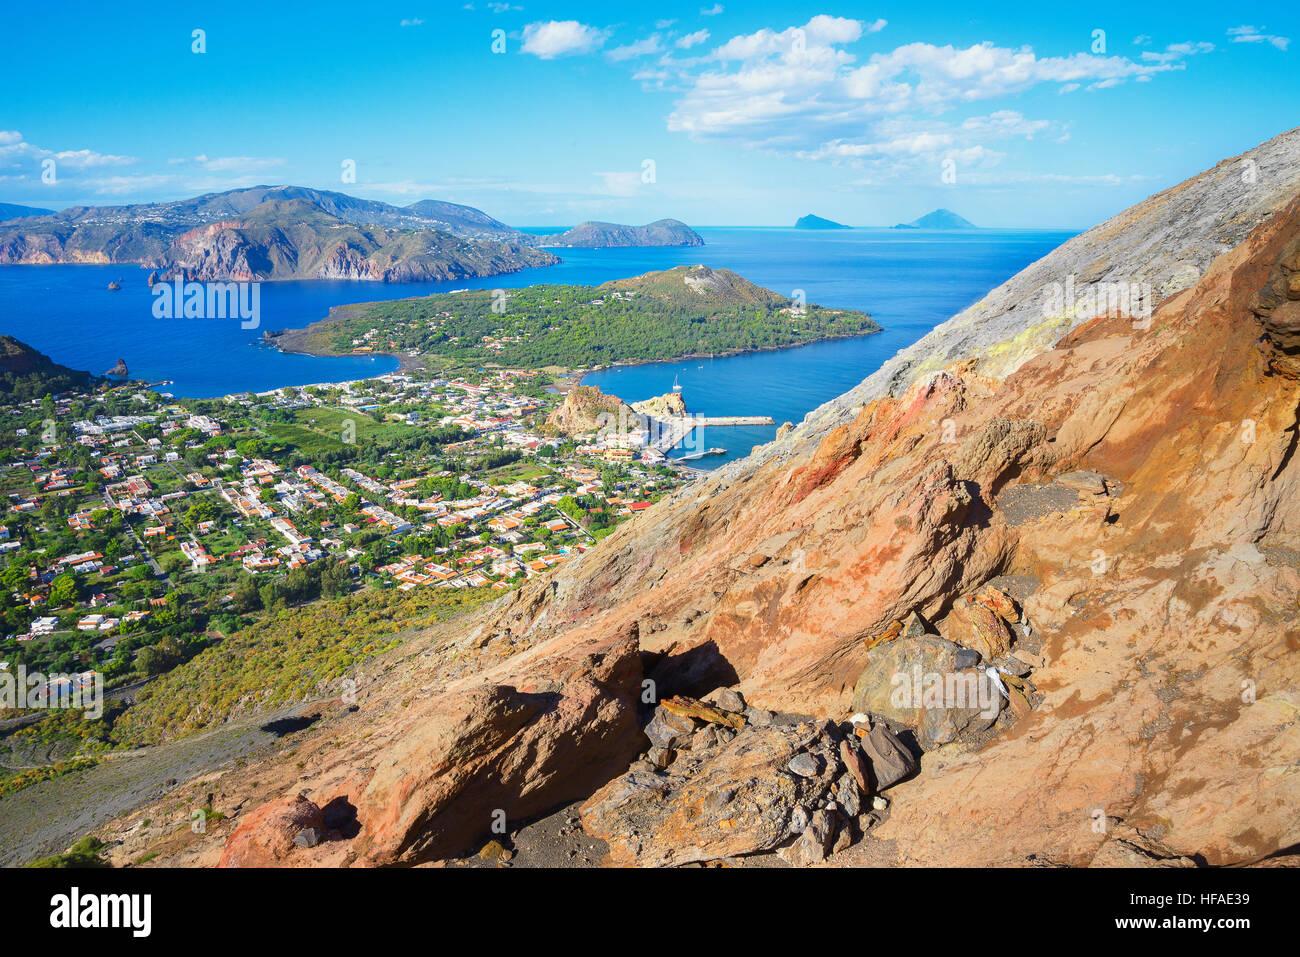 Porto di Levante e Vulcanello vista Isole Aelolian in background, isola di Vulcano, Isole Eolie, Sito Patrimonio Immagini Stock